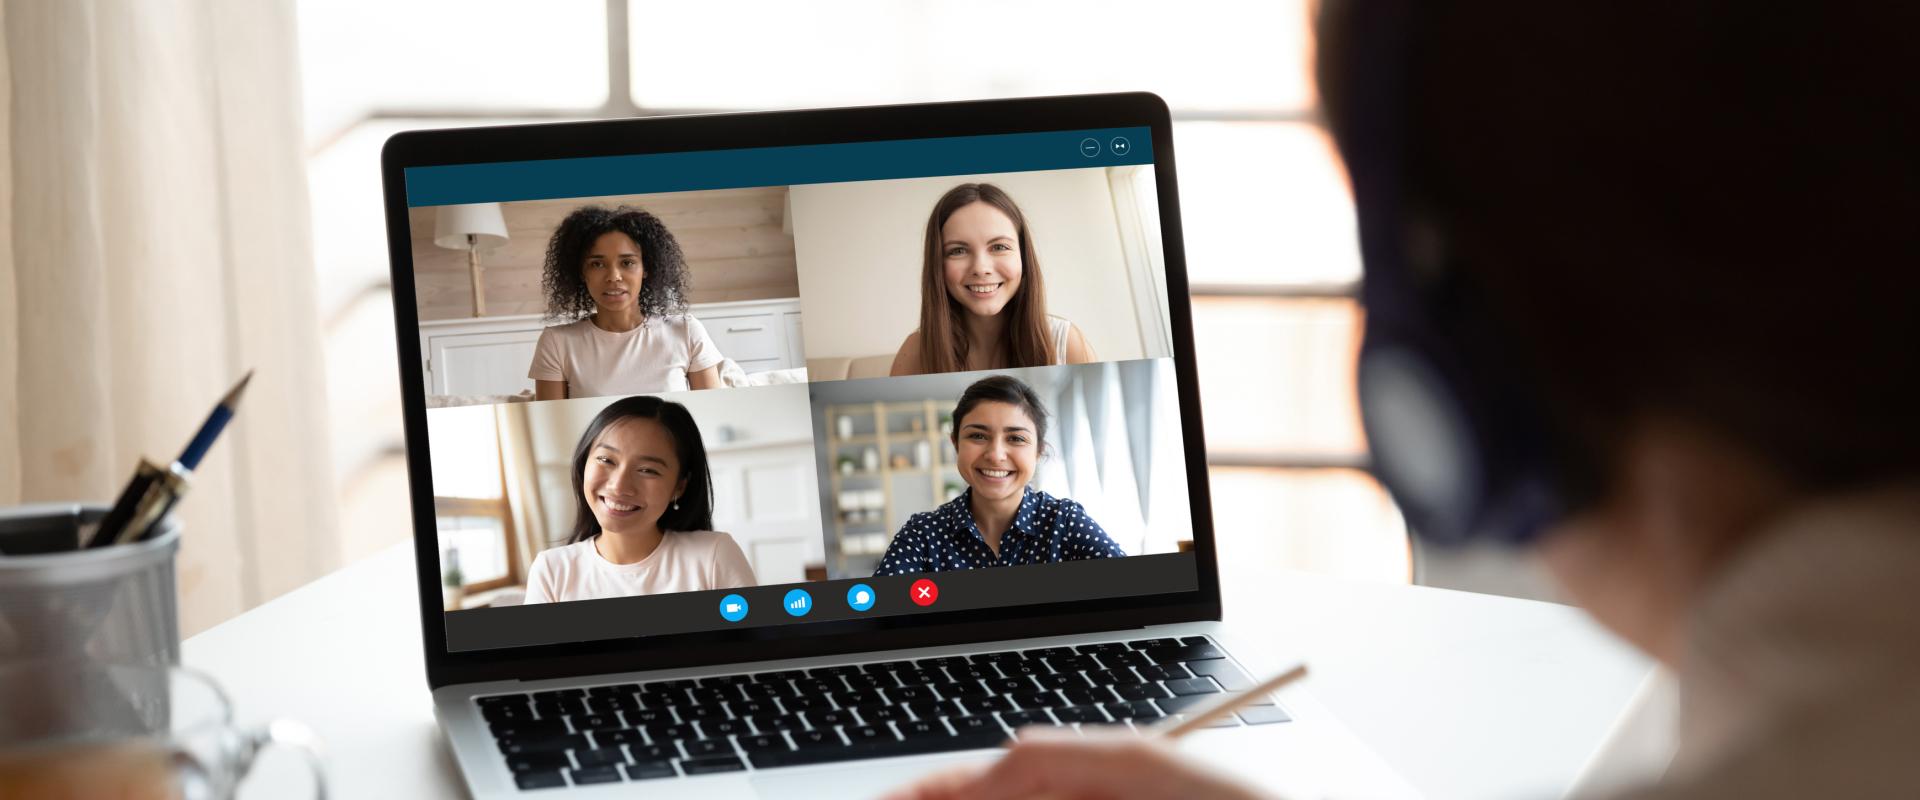 Onderwijs op afstand - 4 tips voor online onderwijs